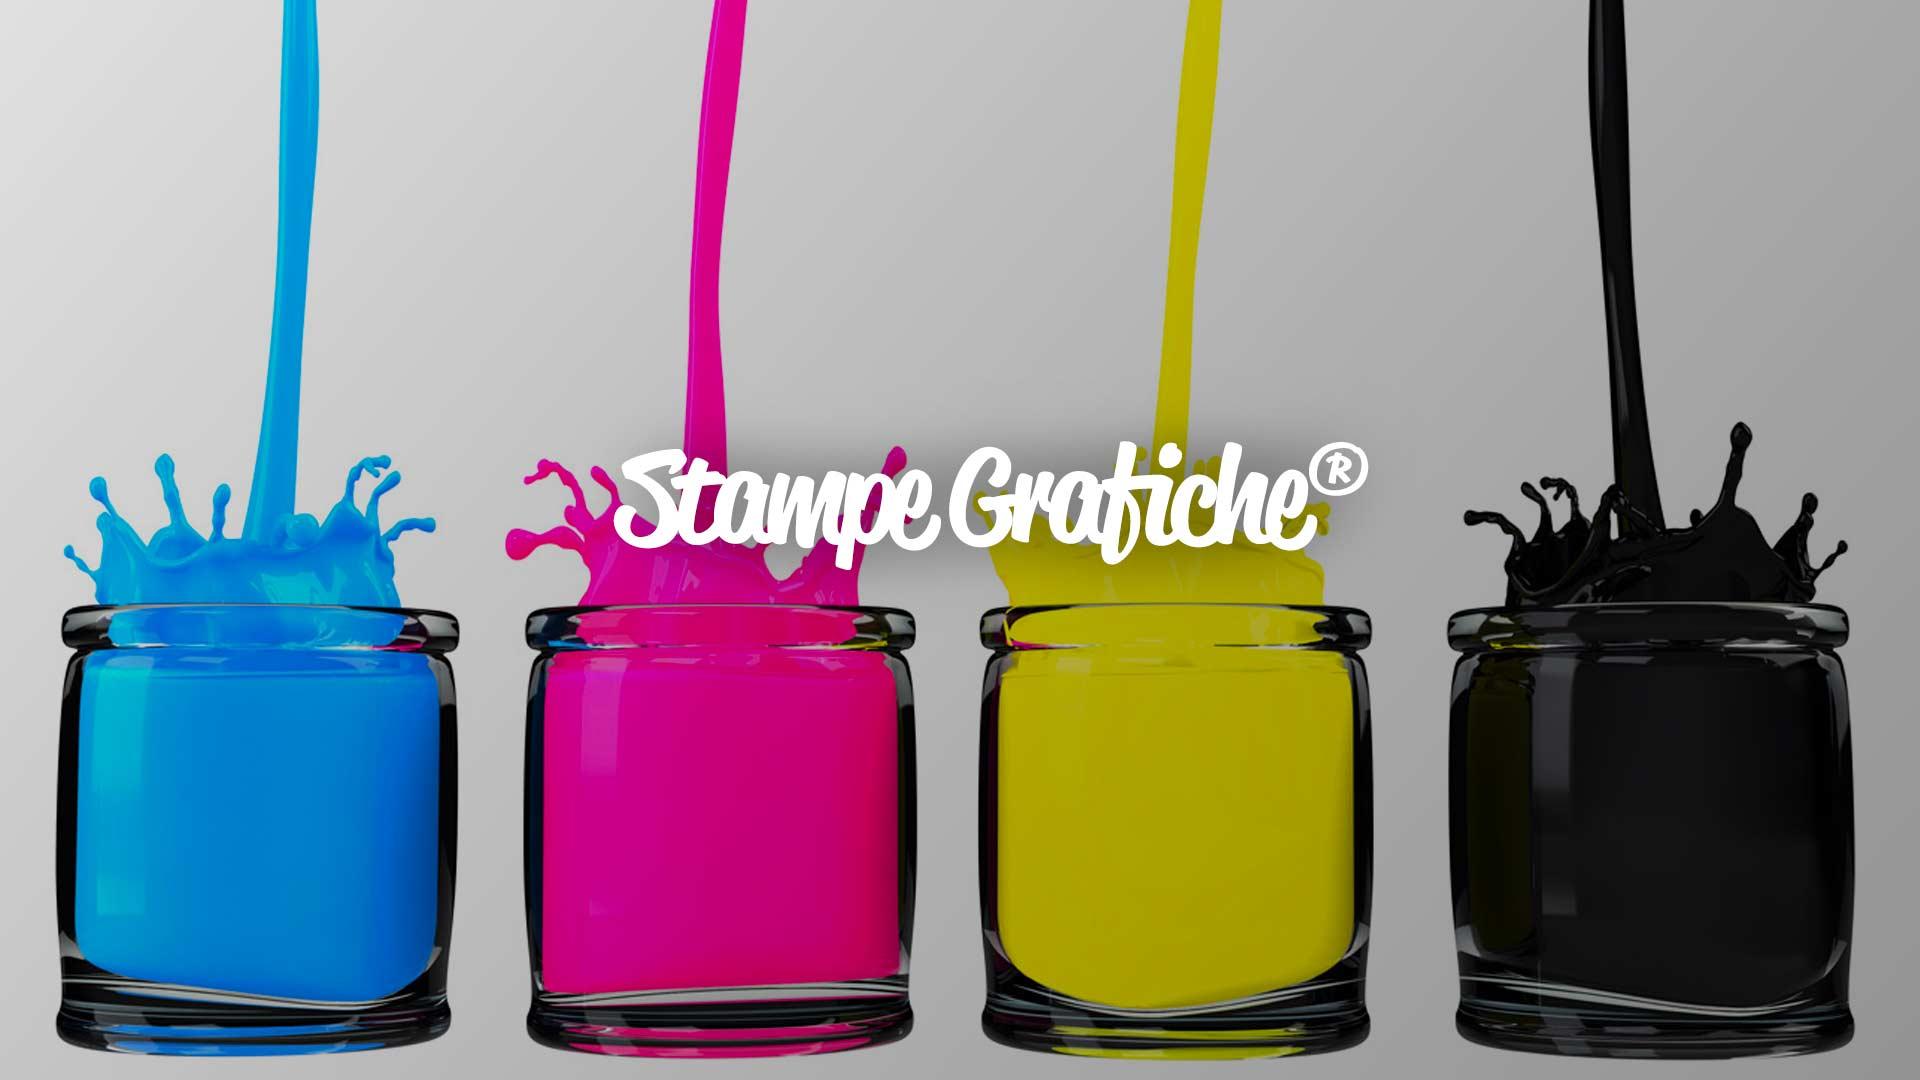 Stampa Digitale Milano - Stampe Grafiche®